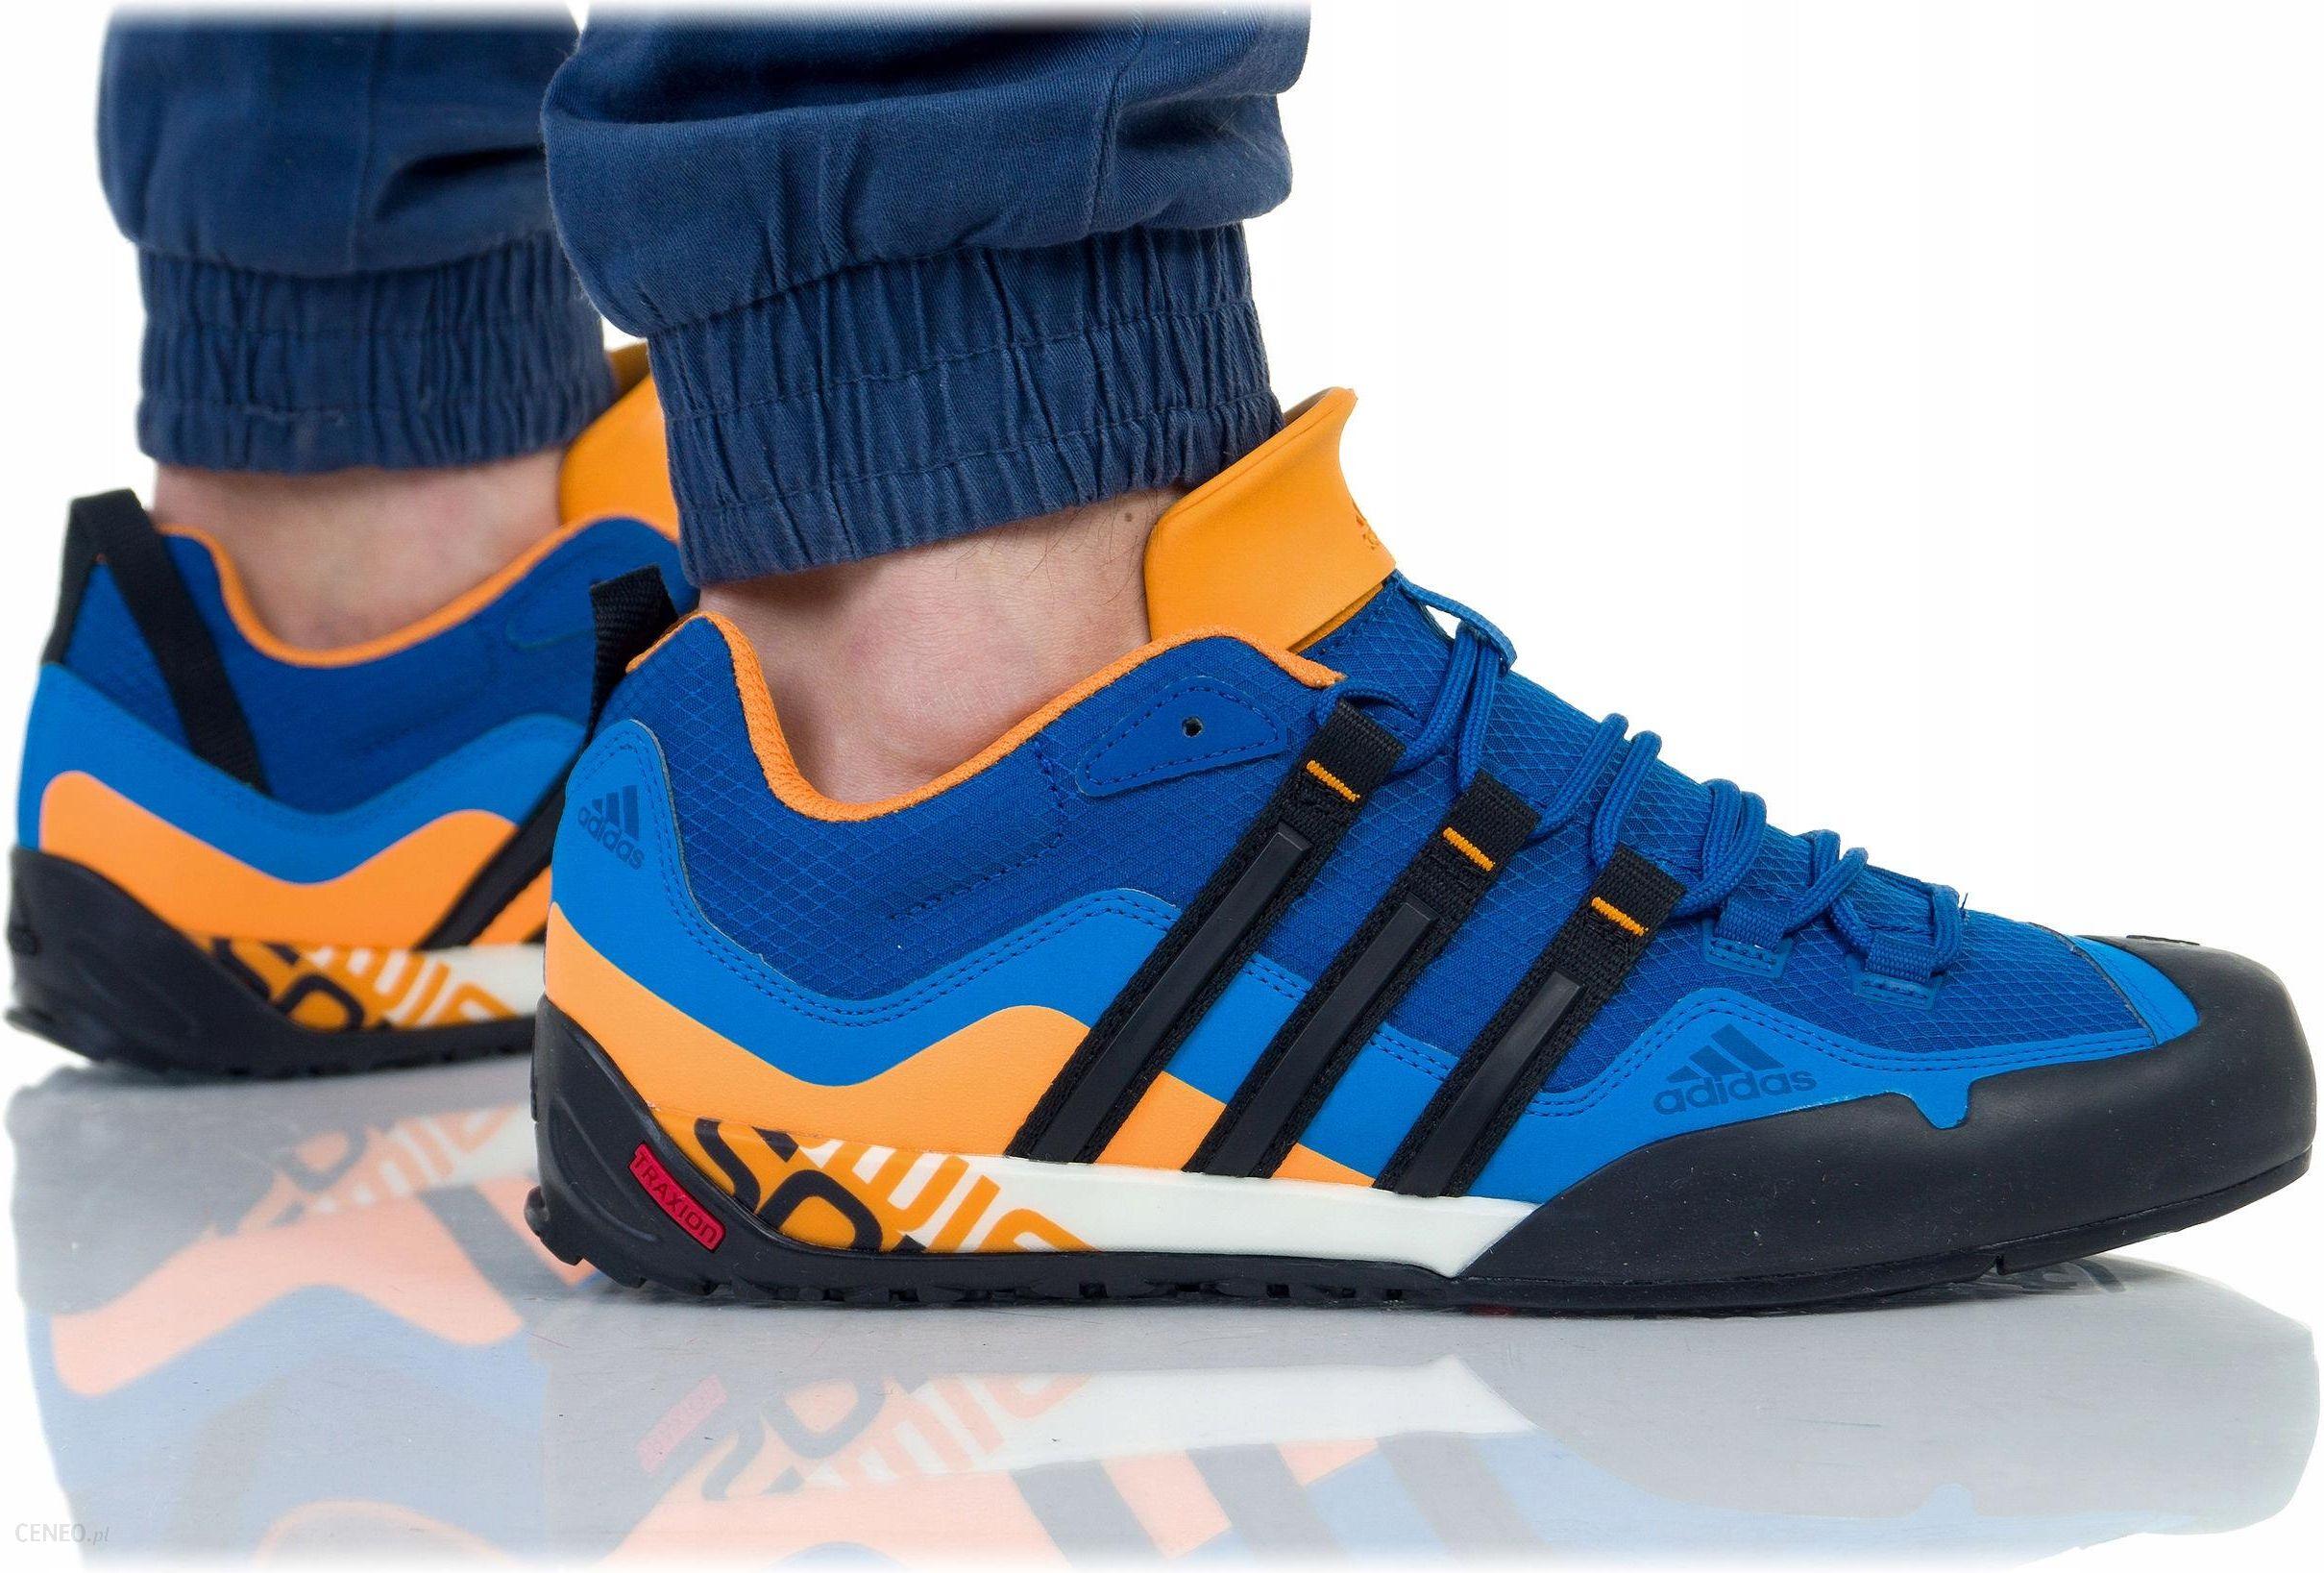 Buty Adidas M?skie Terrex Swift Solo R. 39 13 Ceny i opinie Ceneo.pl